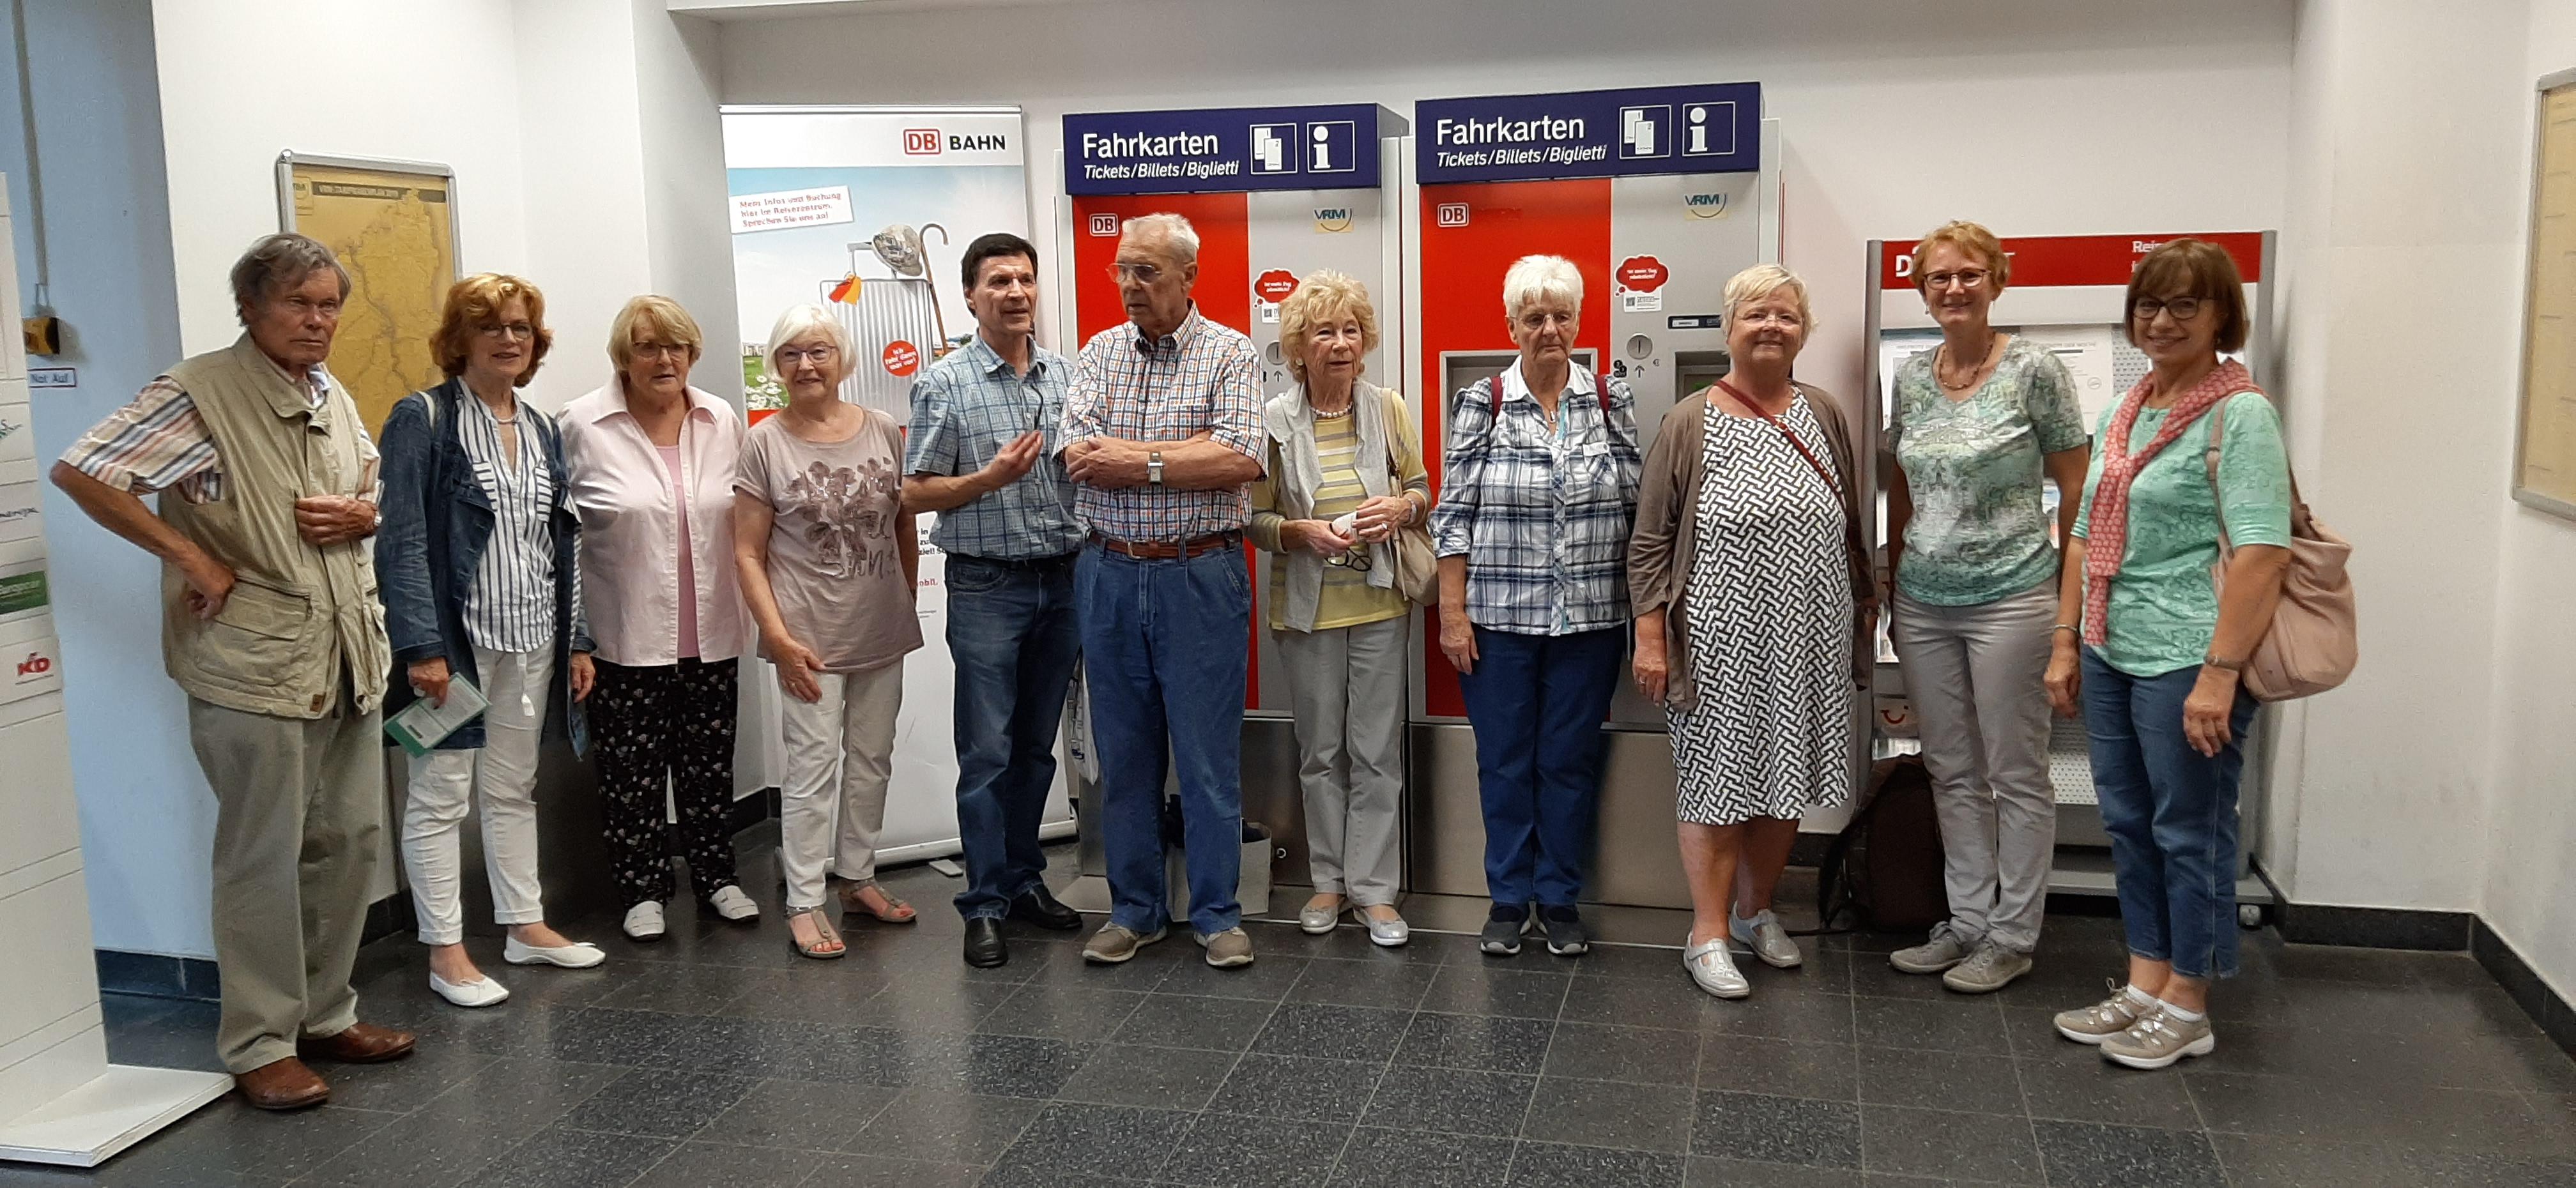 Informationsveranstaltung des Verkehrsverbundes Rhein-Mosel (VRM) in Kooperation mit dem Verkehrsclub Deutschland (VCD) war ein voller Erfolg